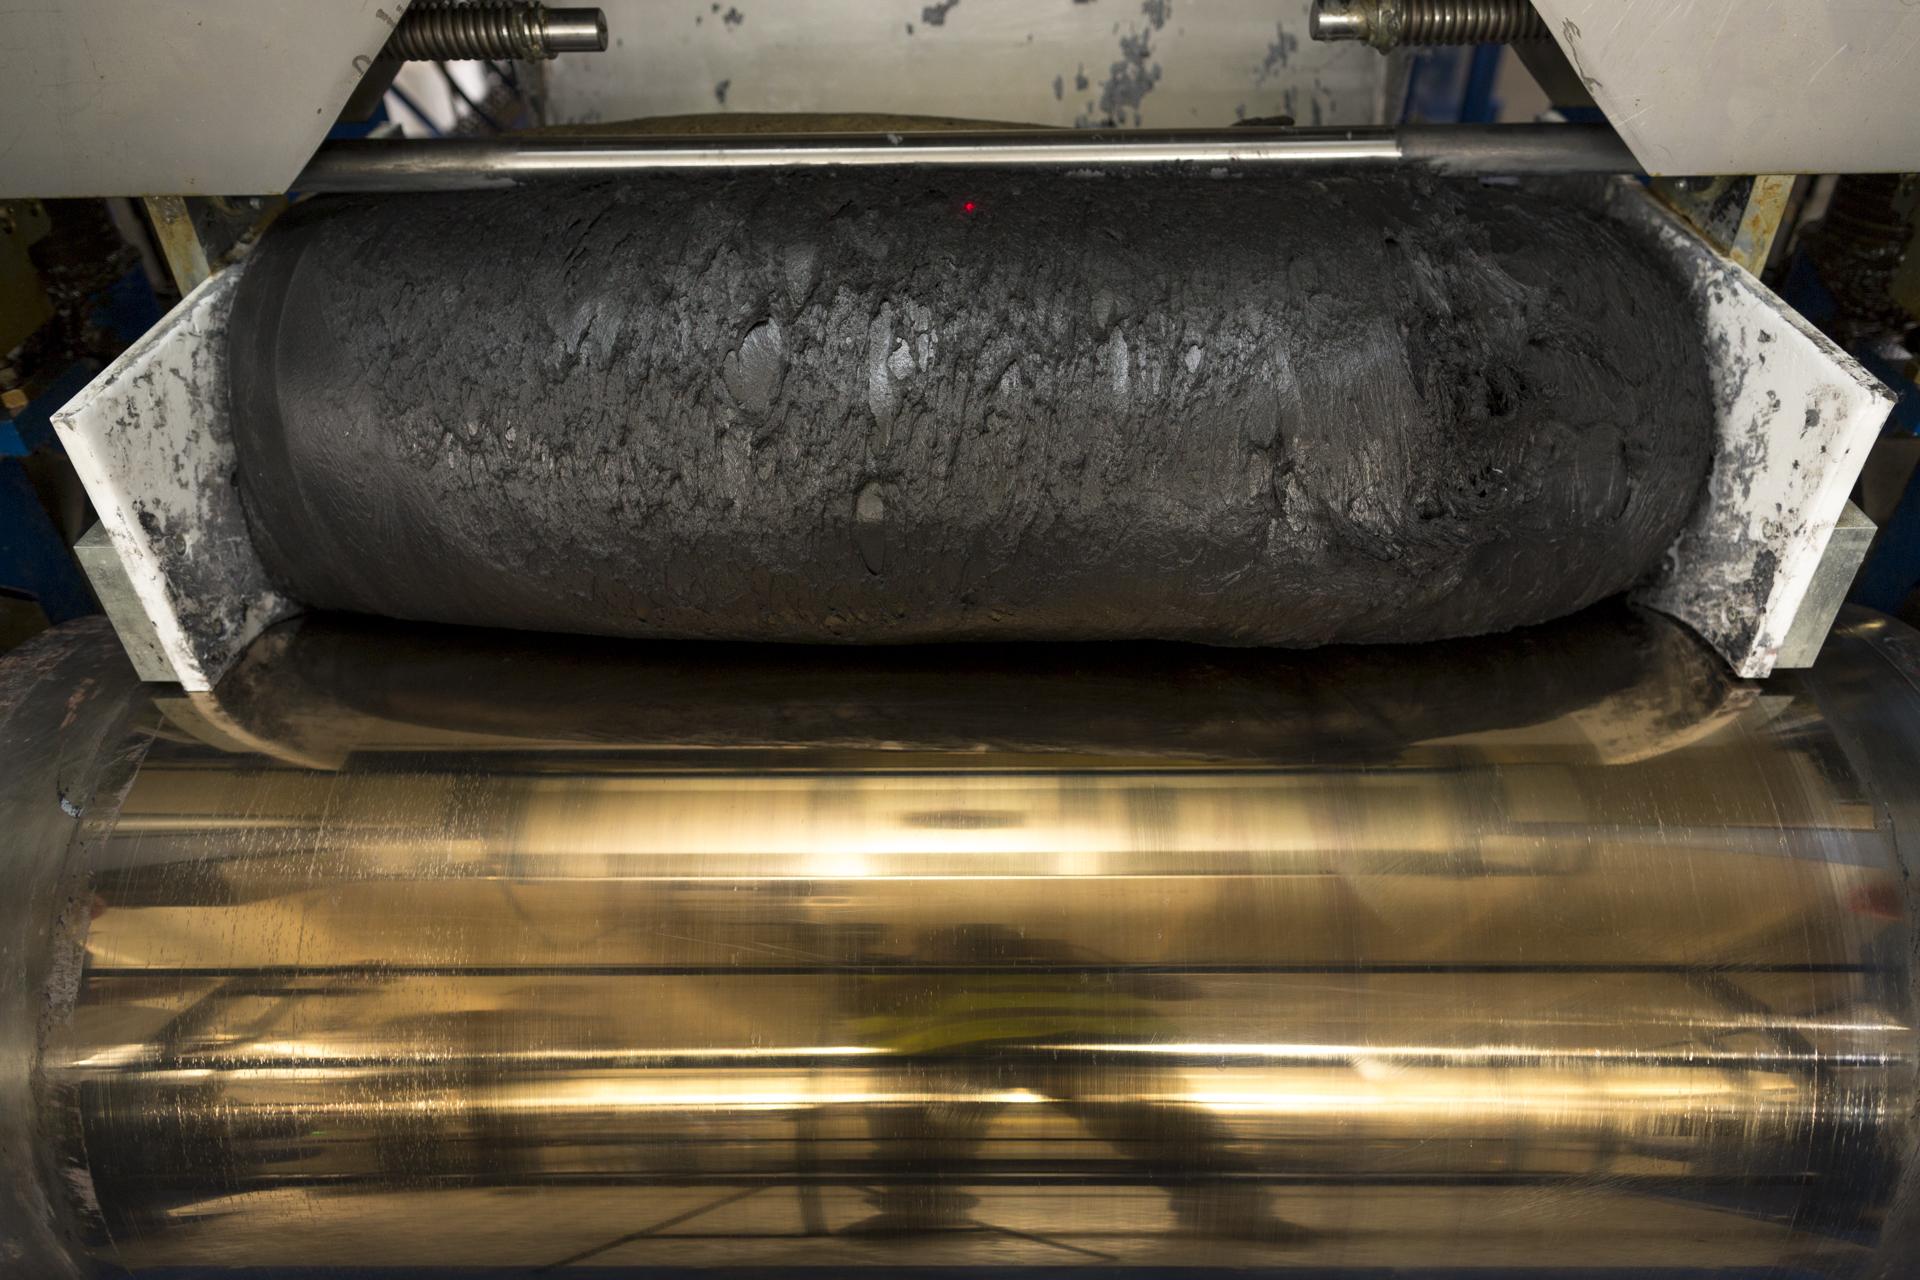 DEU, Leverkusen, 16.06.2015, Denso Produktion